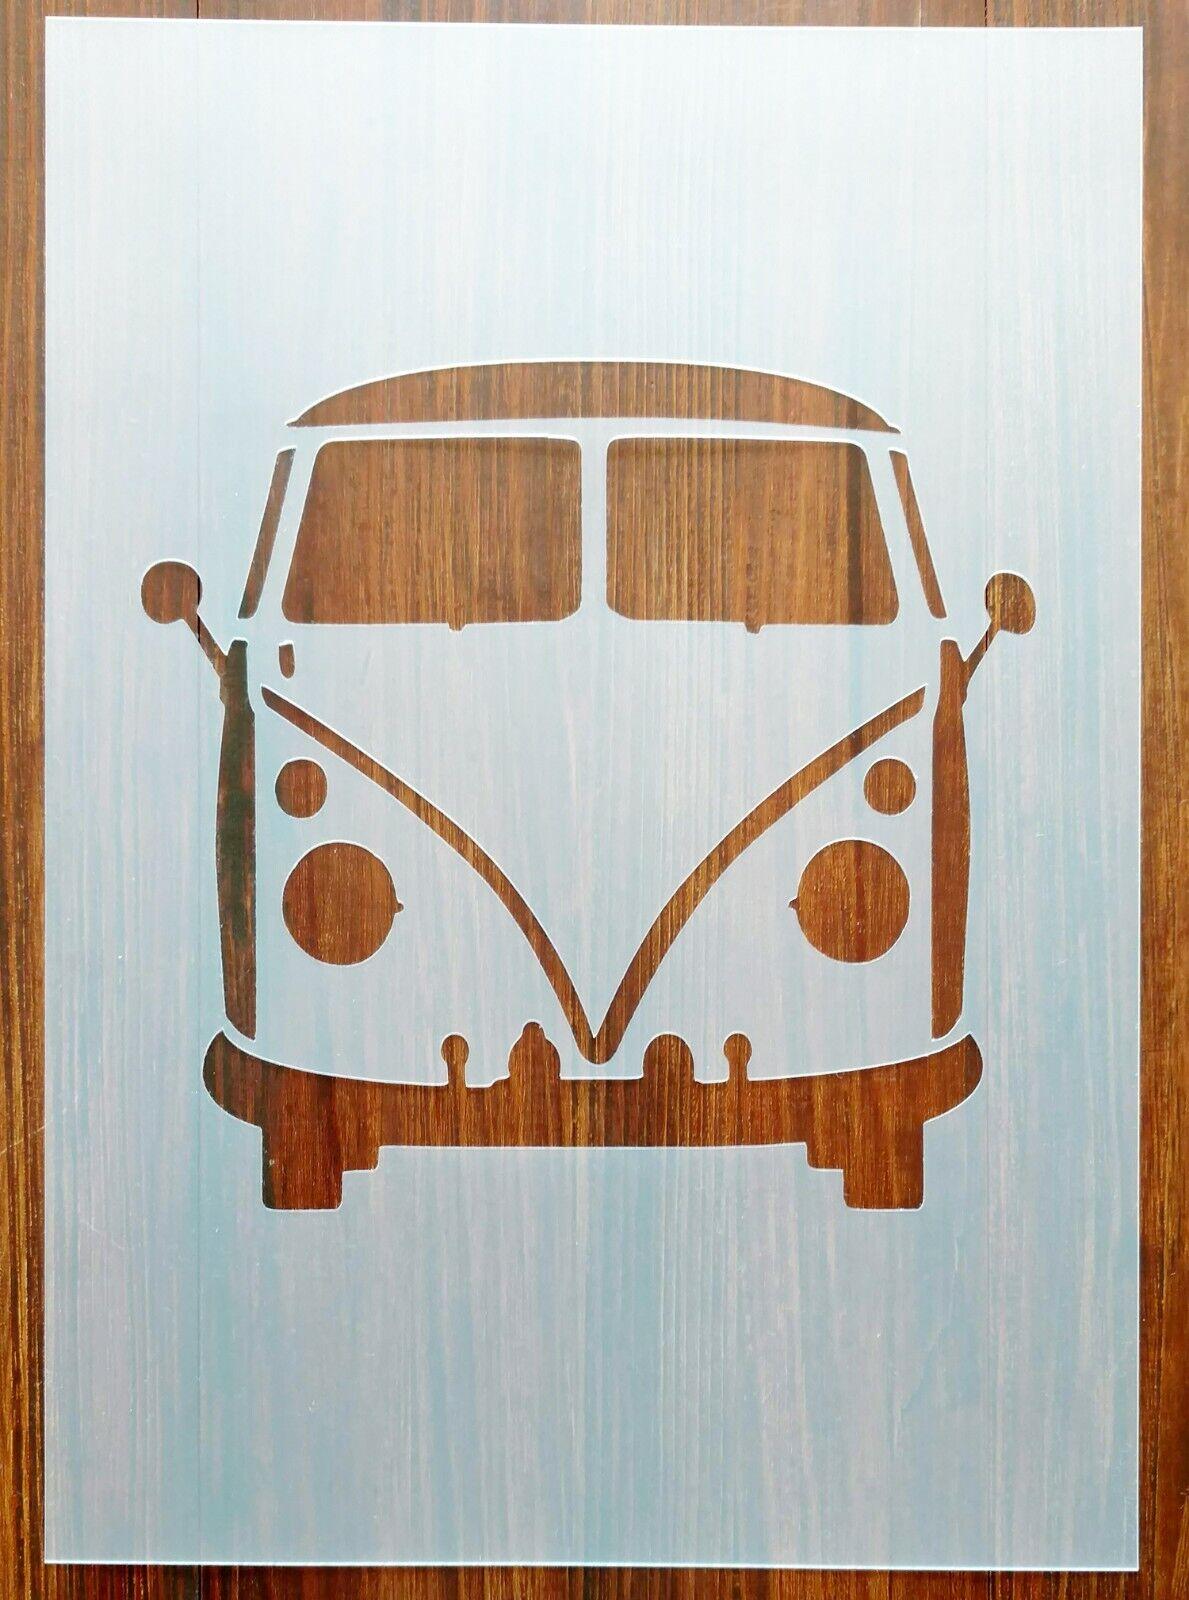 Vw Camper Van Front Stencil Mask Reusable Mylar Sheet For Arts Crafts For Sale Ebay